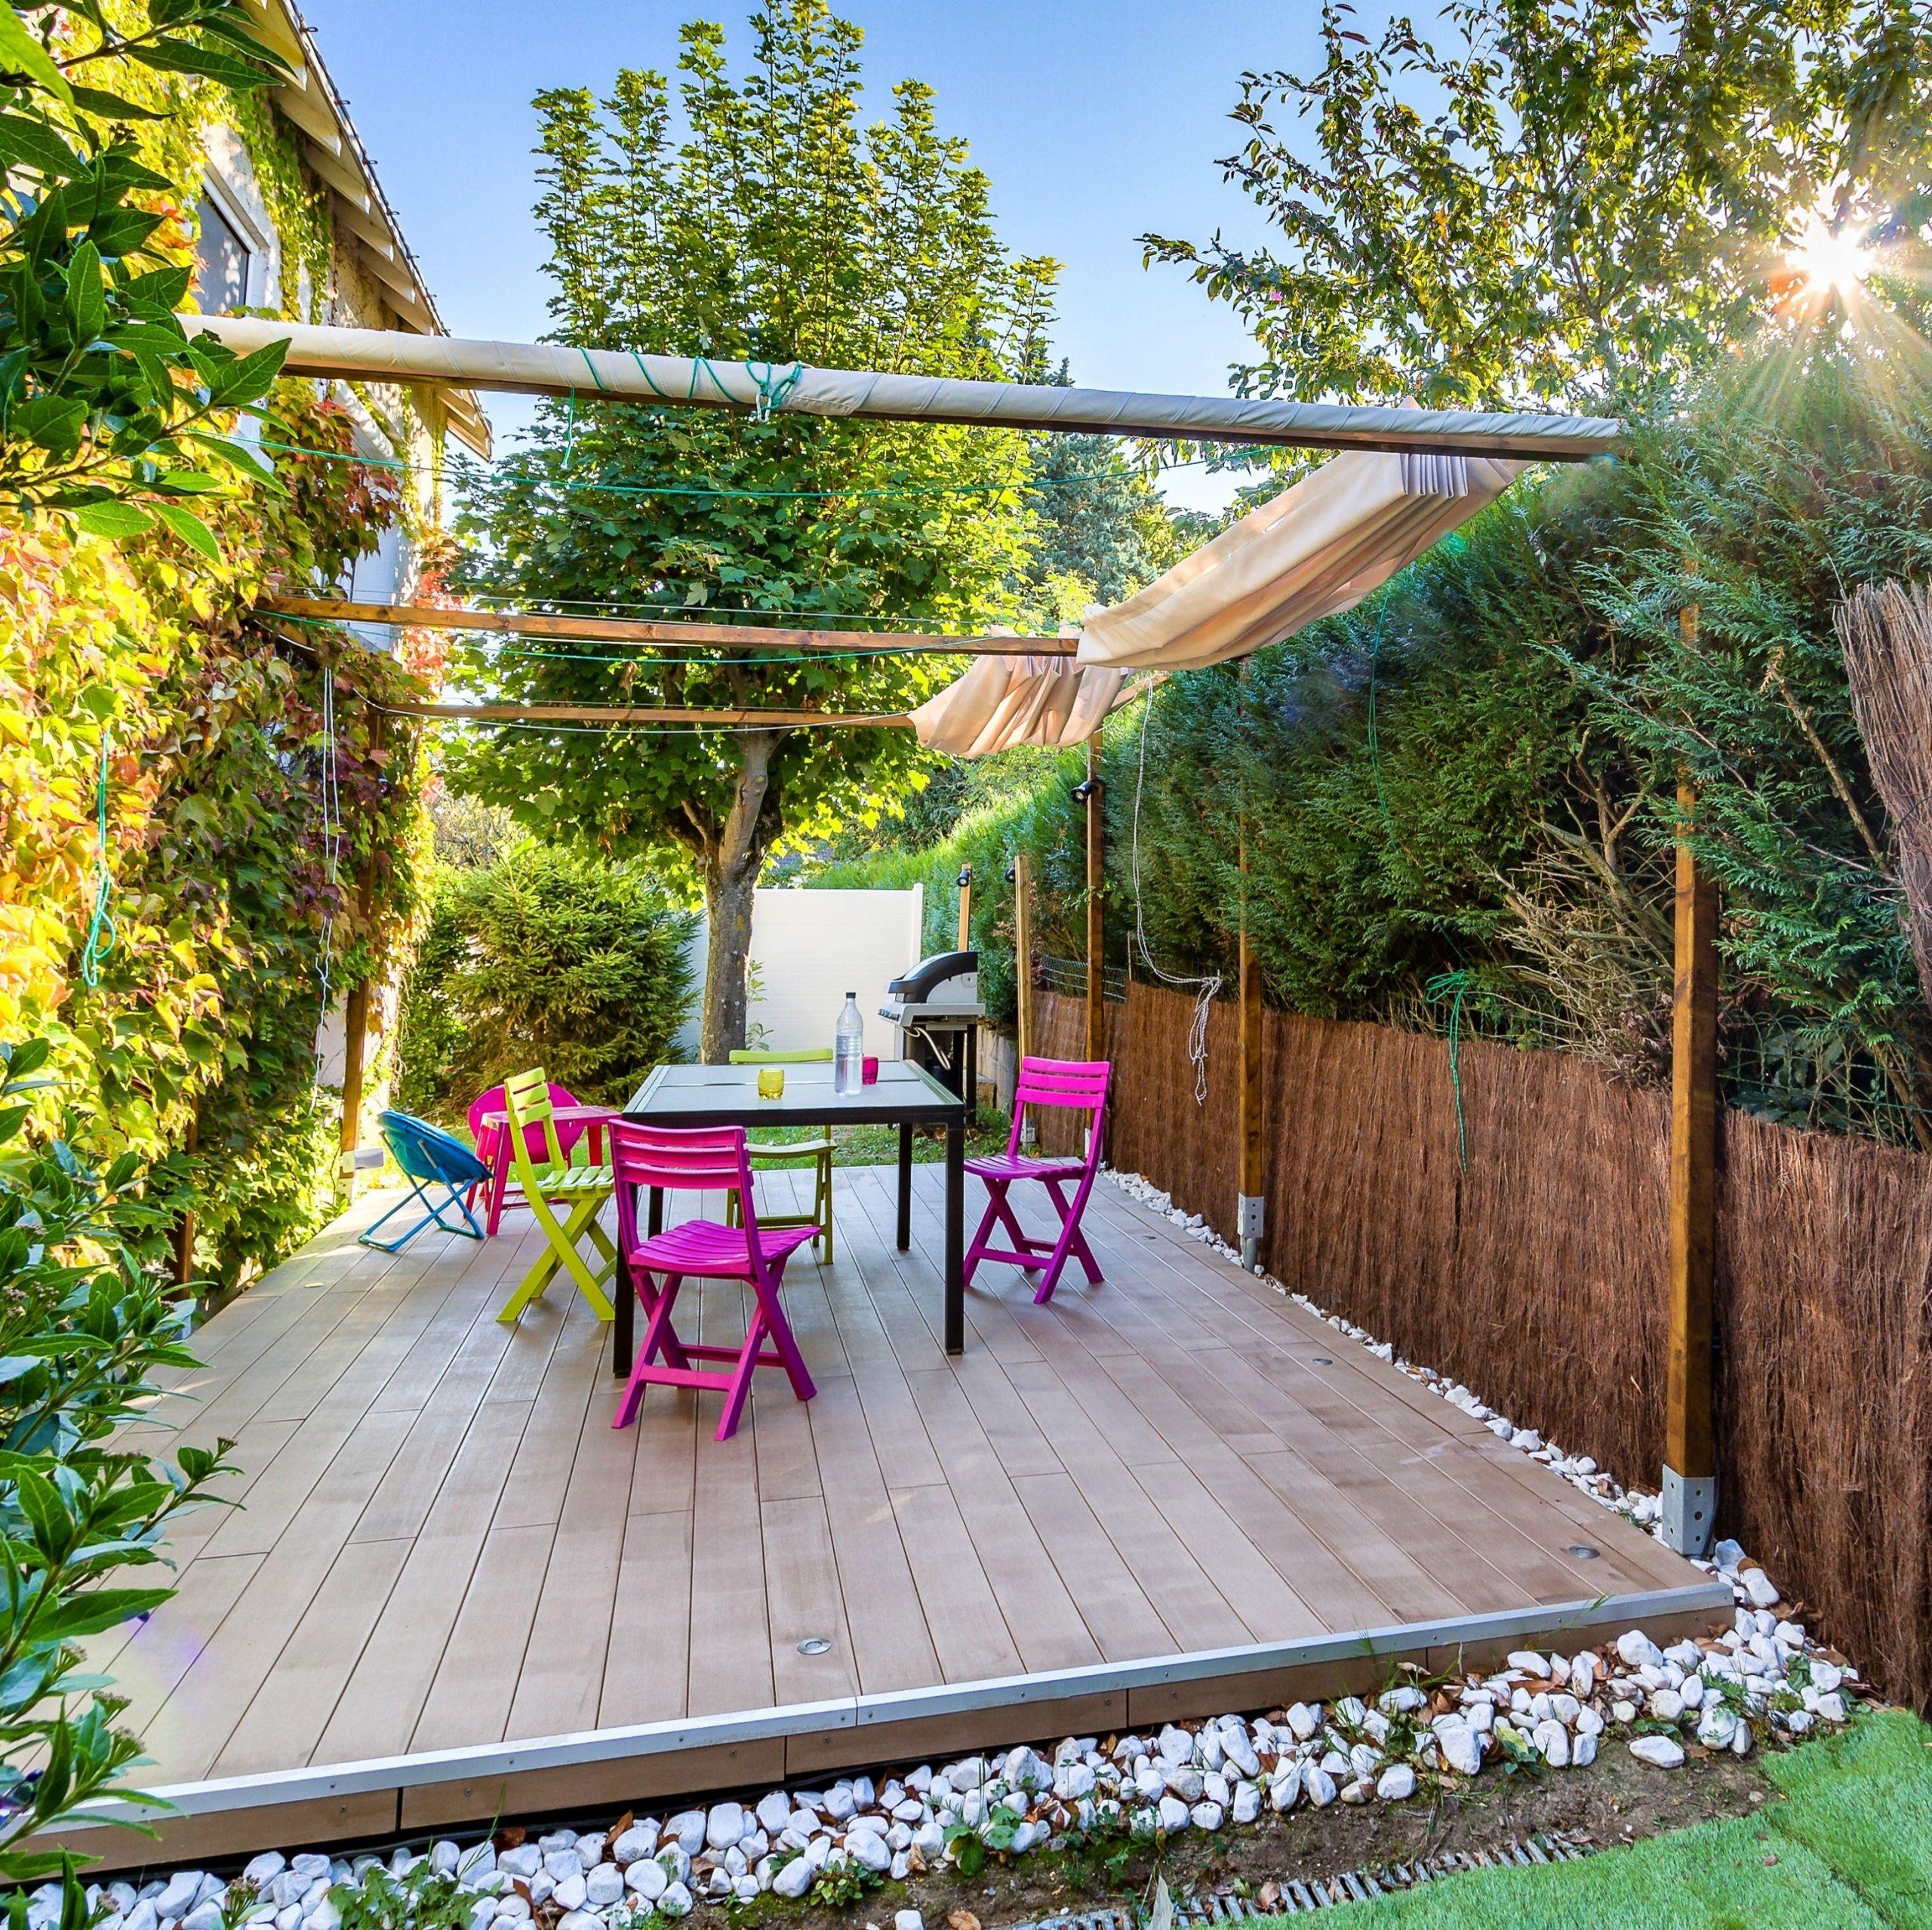 terrasse jardin 0d ideas populares idee jardin et terrasse image 11 de flores para jardin 1